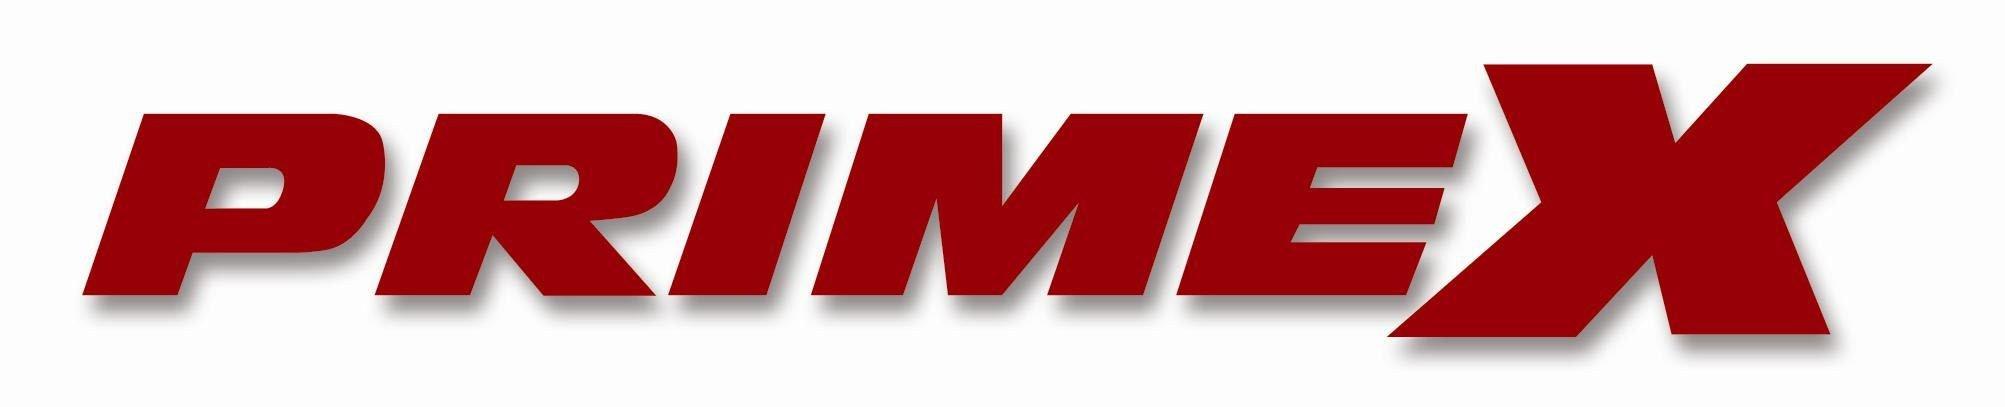 Century Tire Inc. - PrimeX